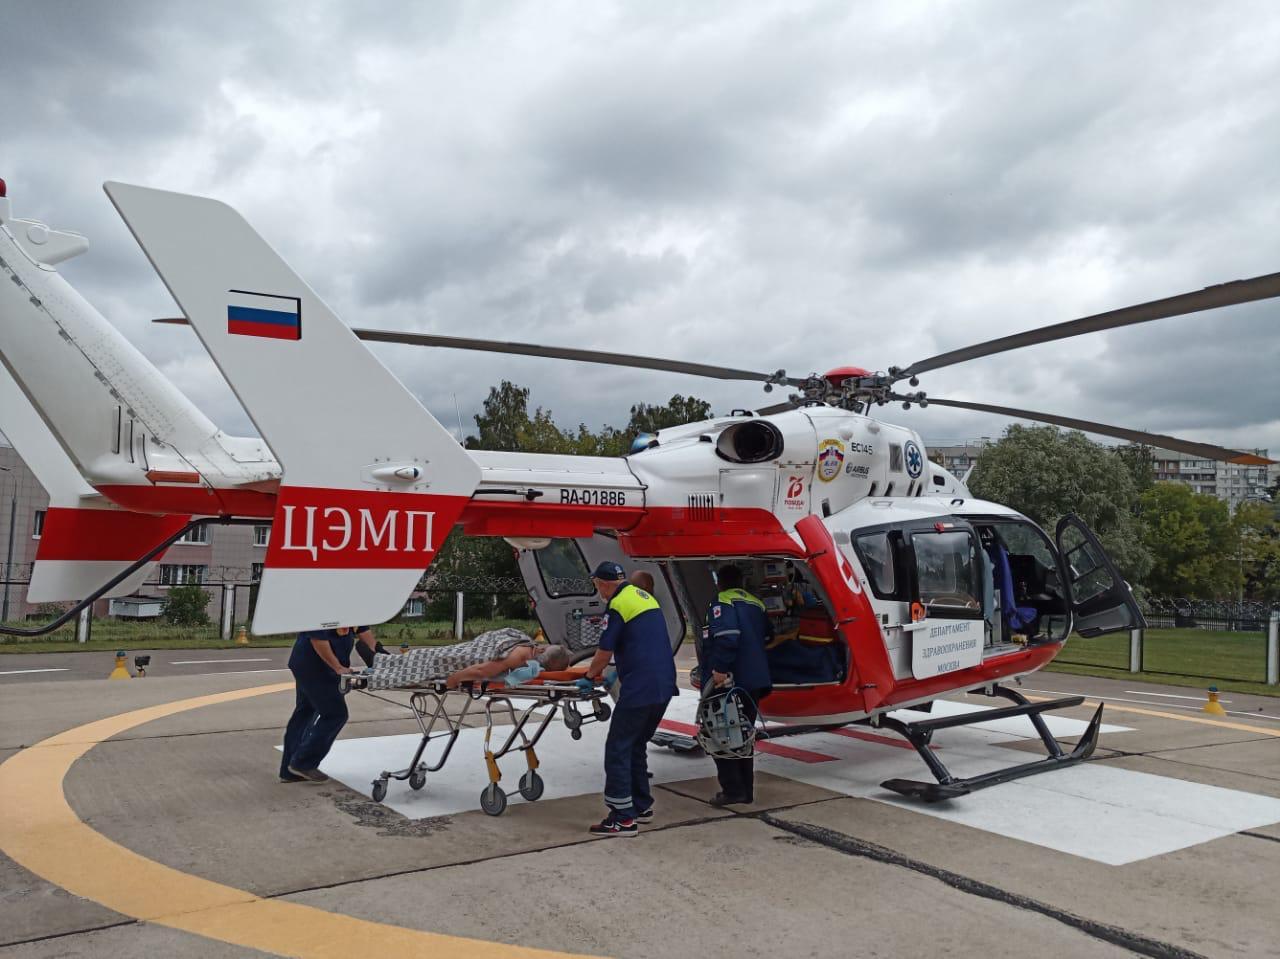 Пациента с инсультом экстренно эвакуировали сотрудники авиамедицинской бригады